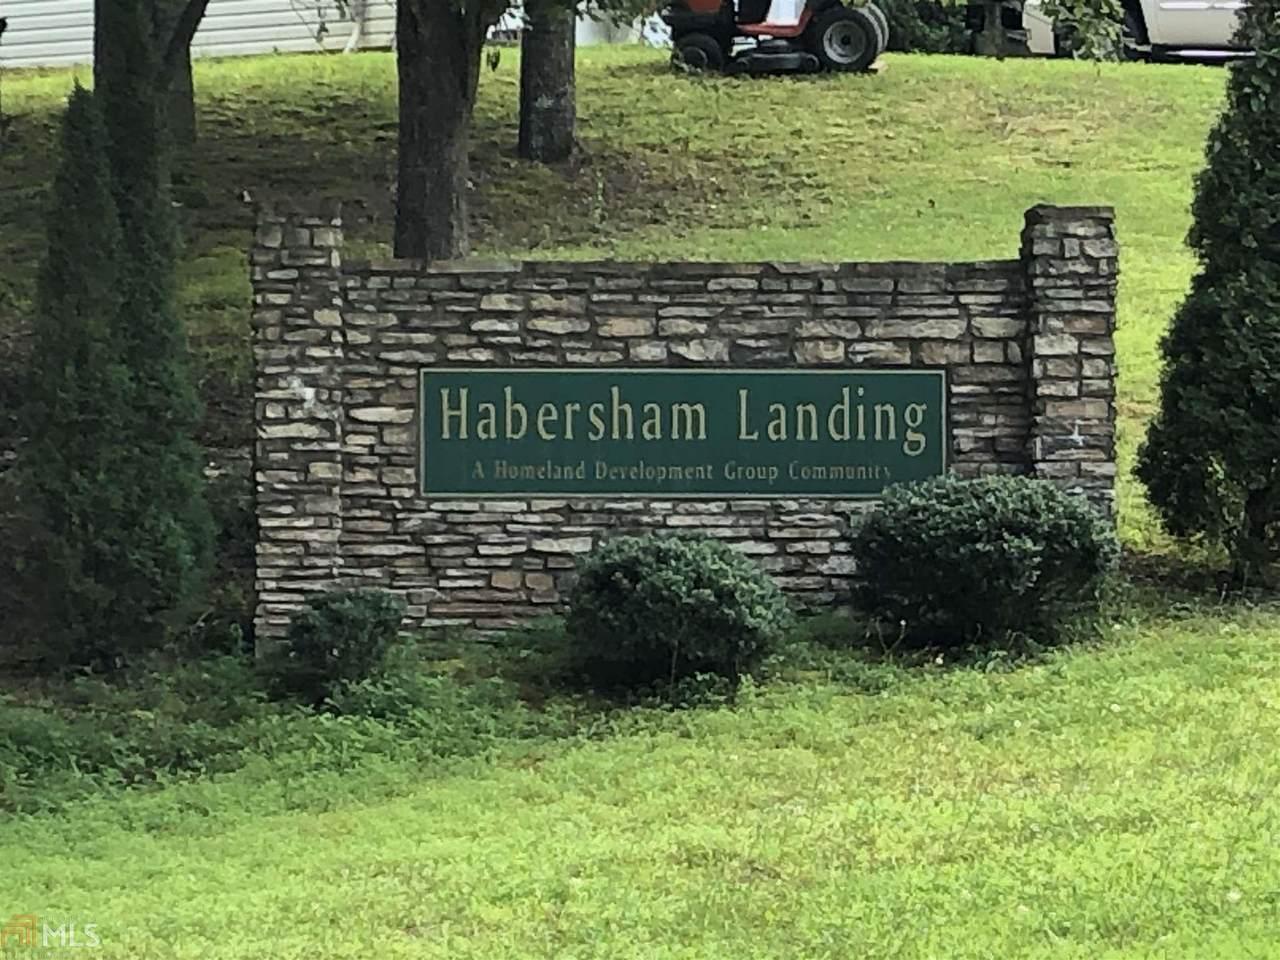 0 Habersham Lndg - Photo 1